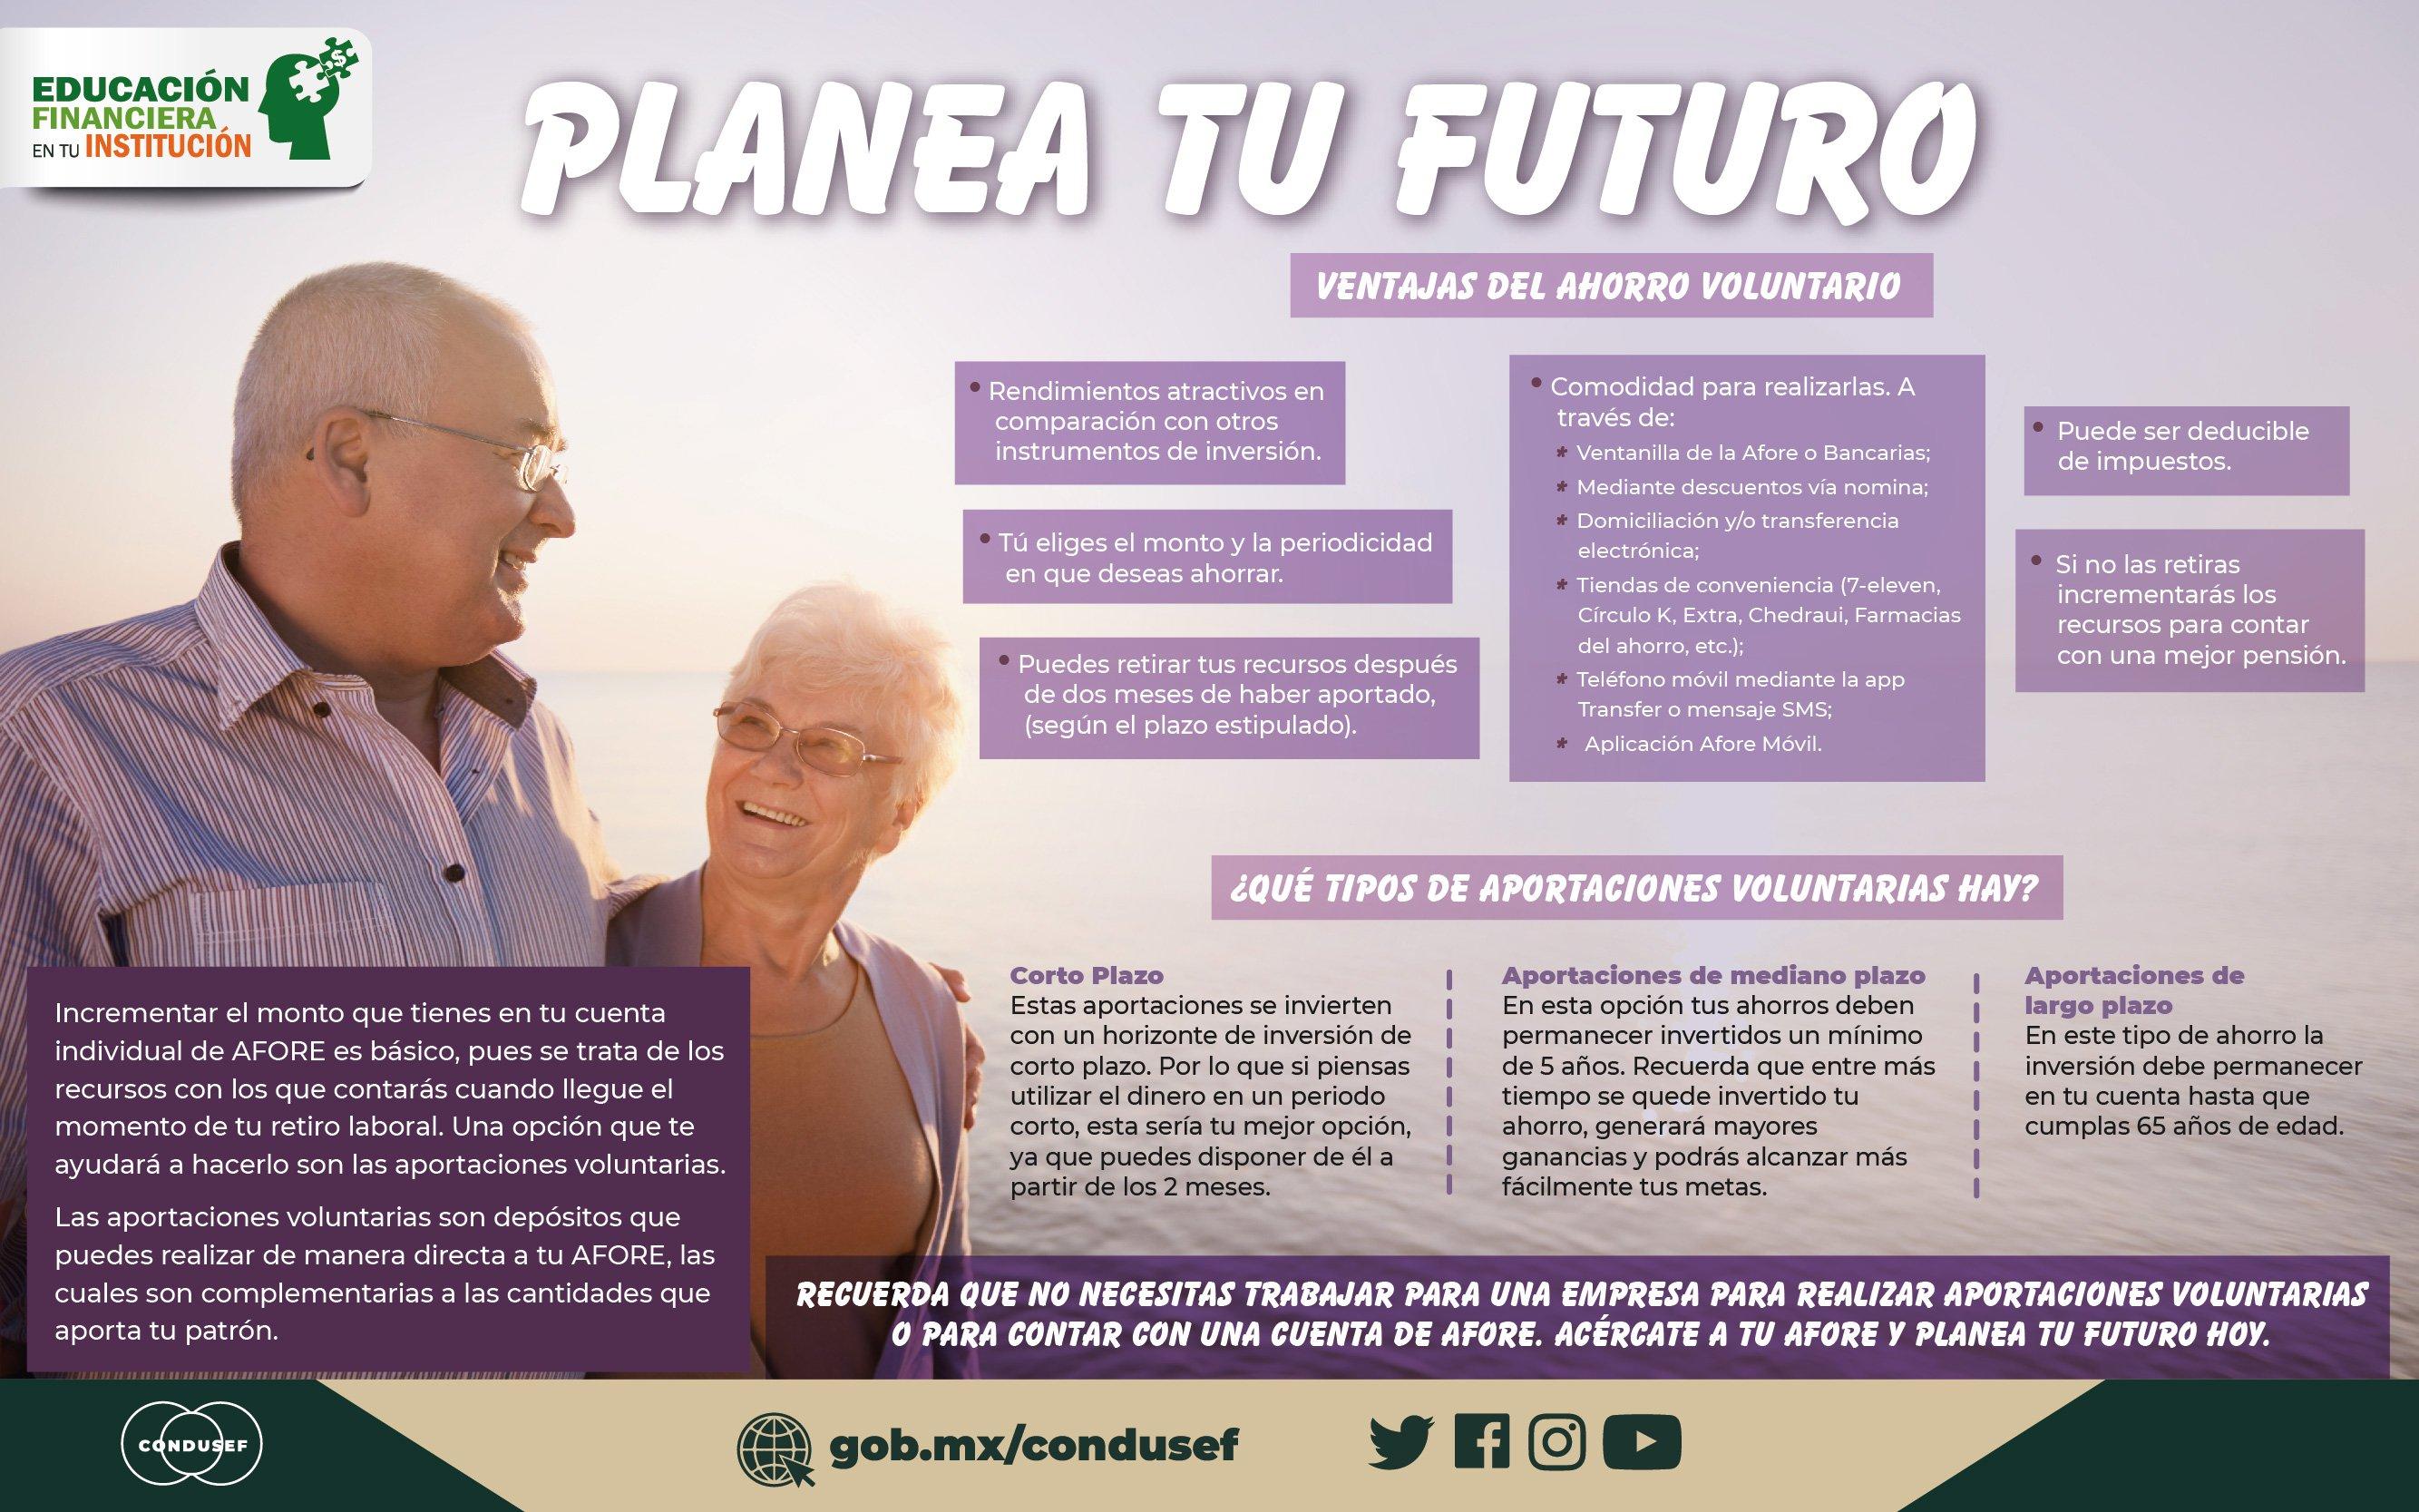 Planea tu futuro